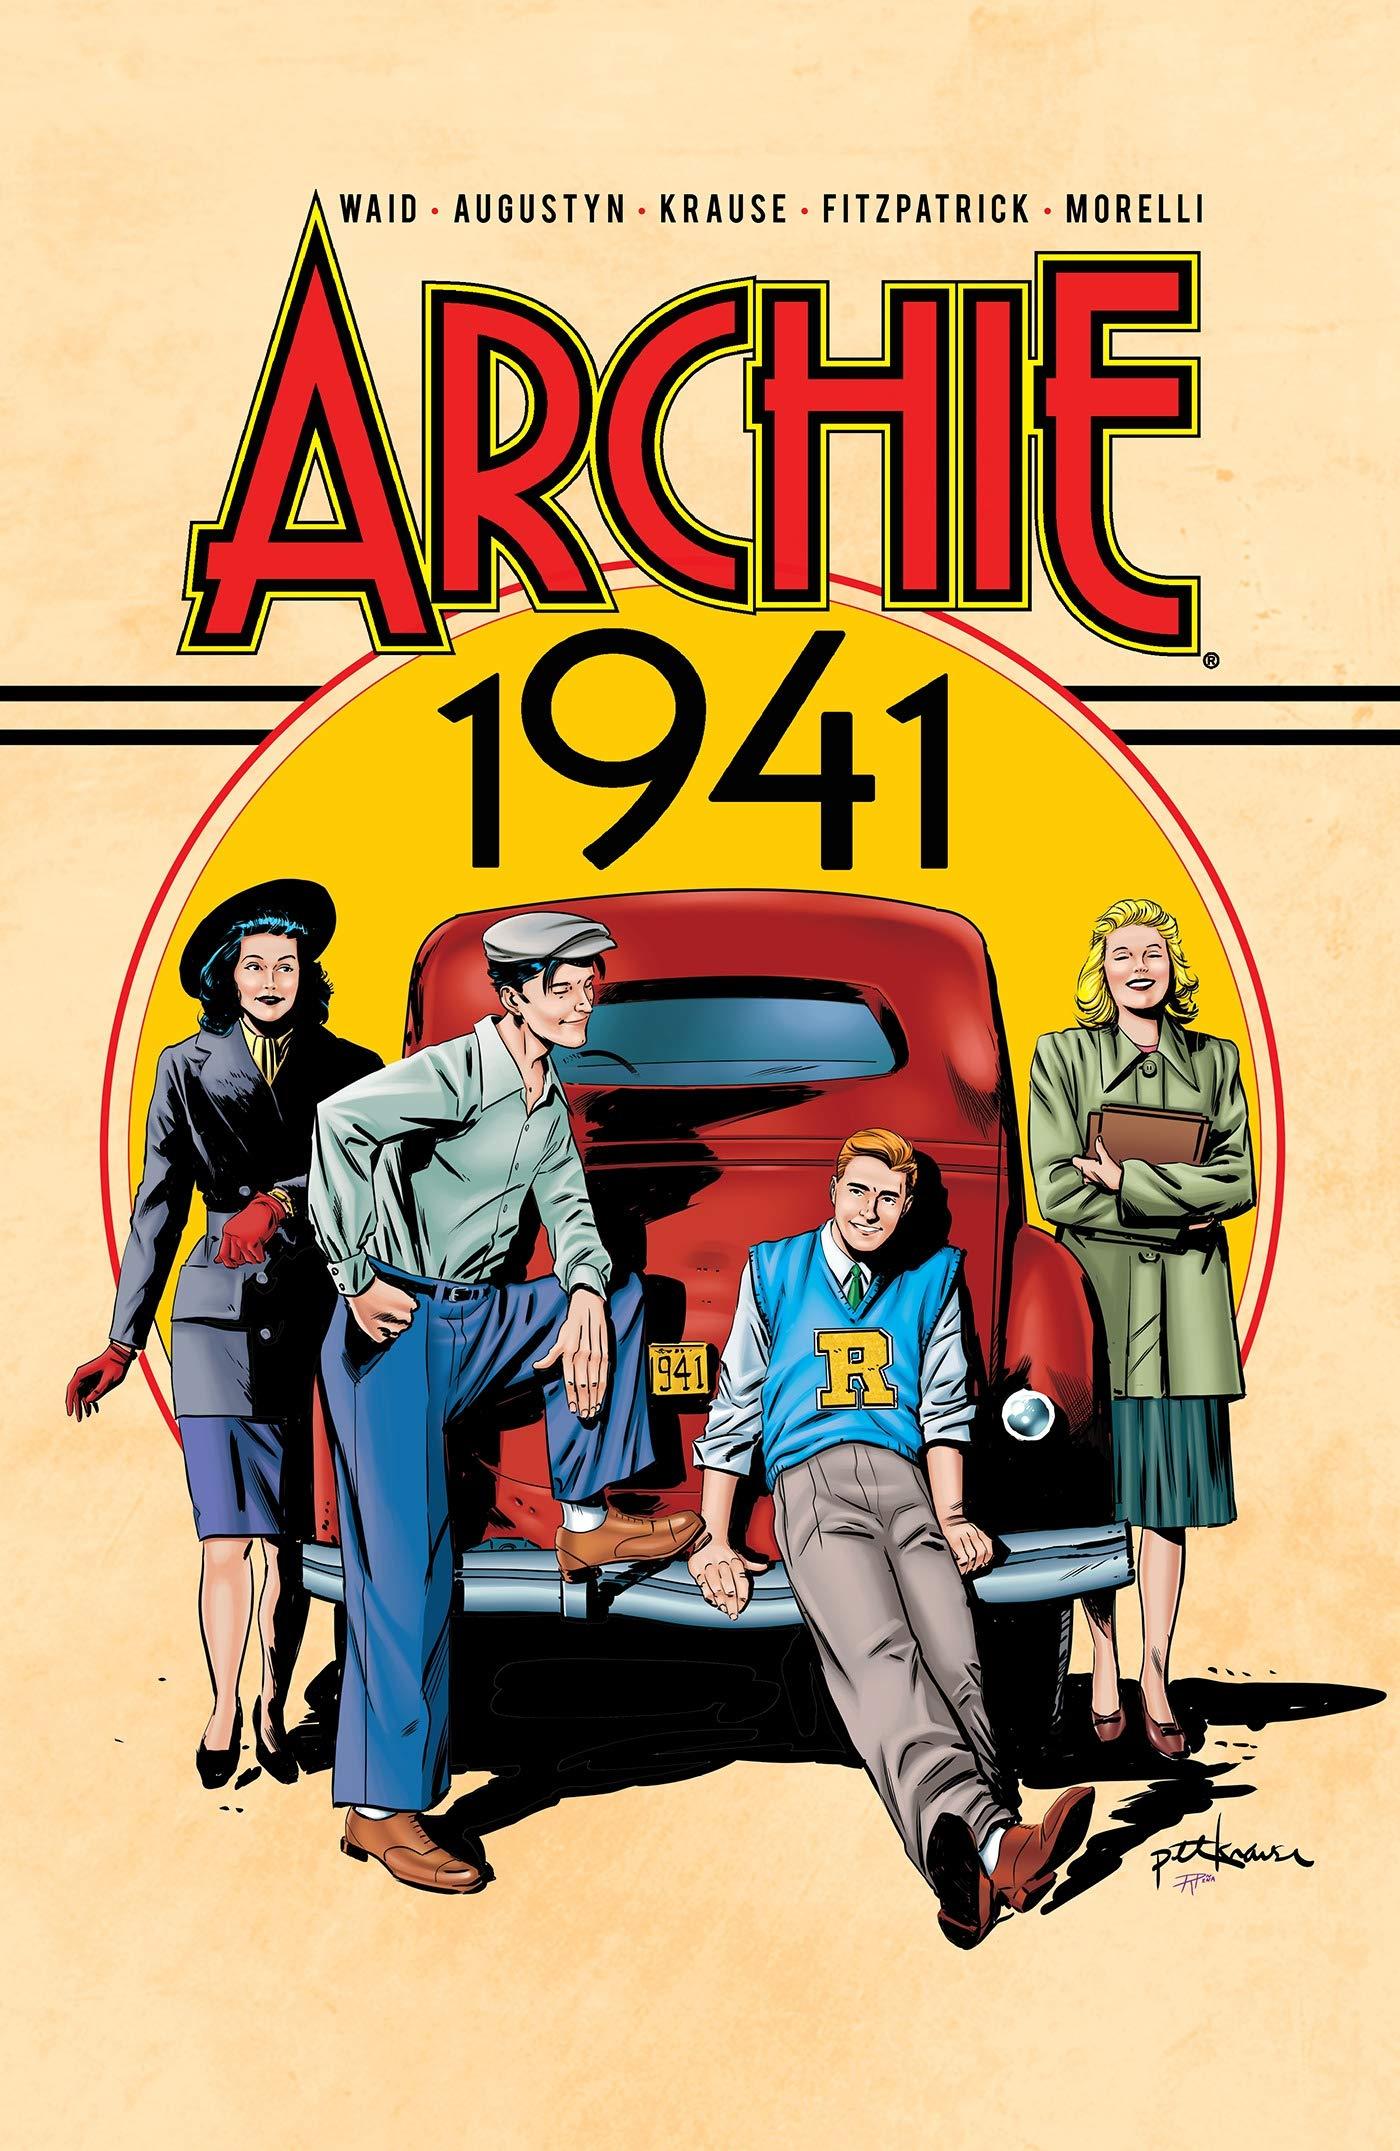 ARCHIE 1941: Amazon.es: Waid, Mark, Augustyn, Brian, Krause, Peter: Libros  en idiomas extranjeros